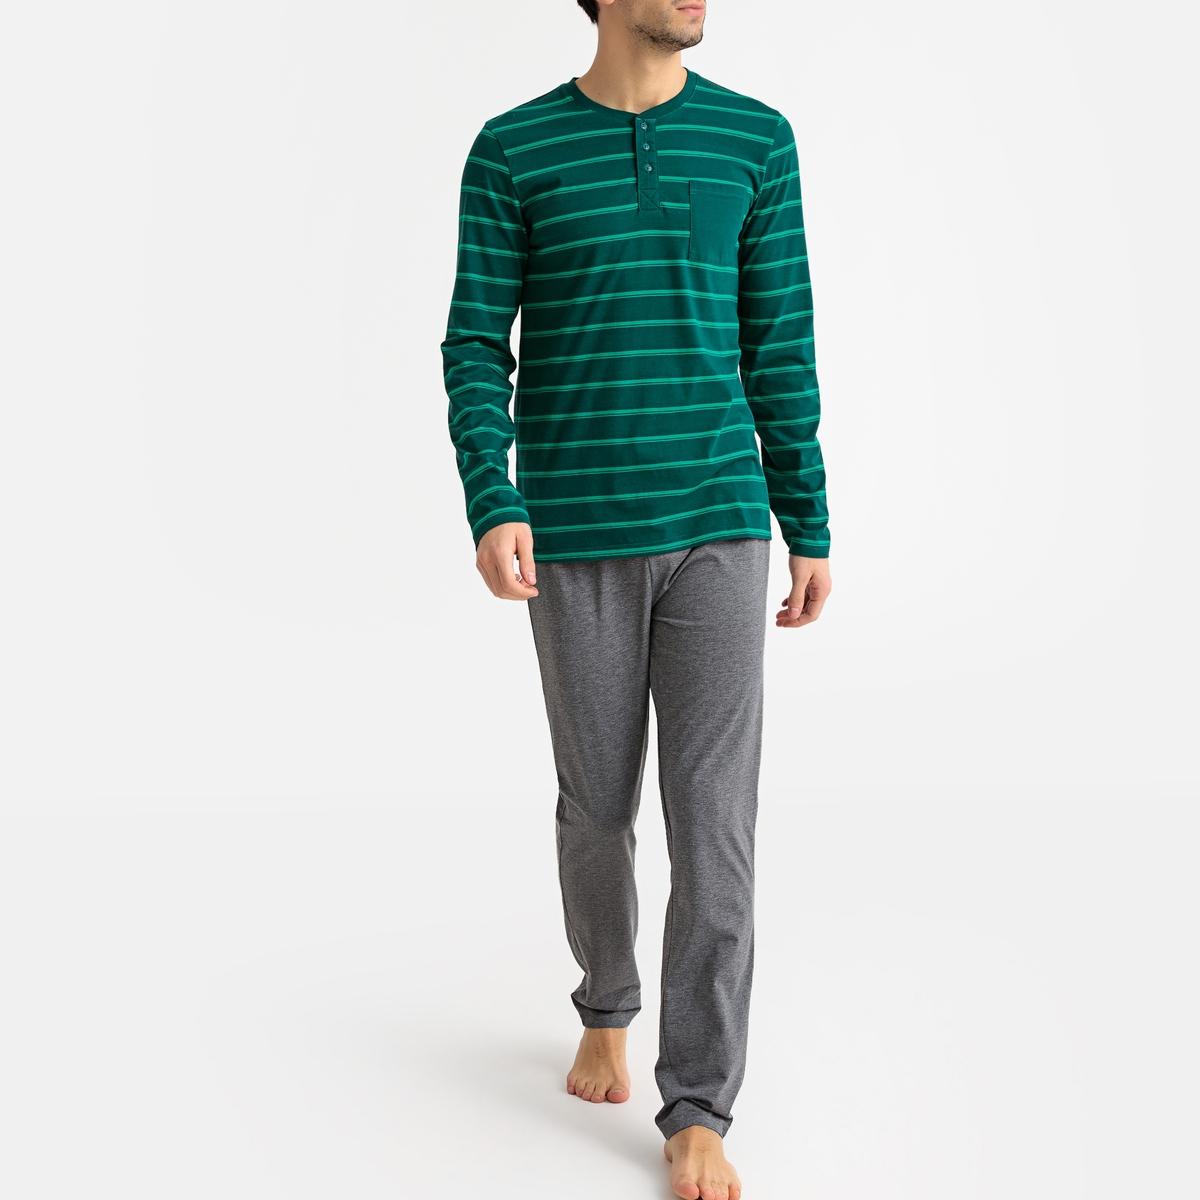 Pijama de mangas compridas às riscas, decote tunisino